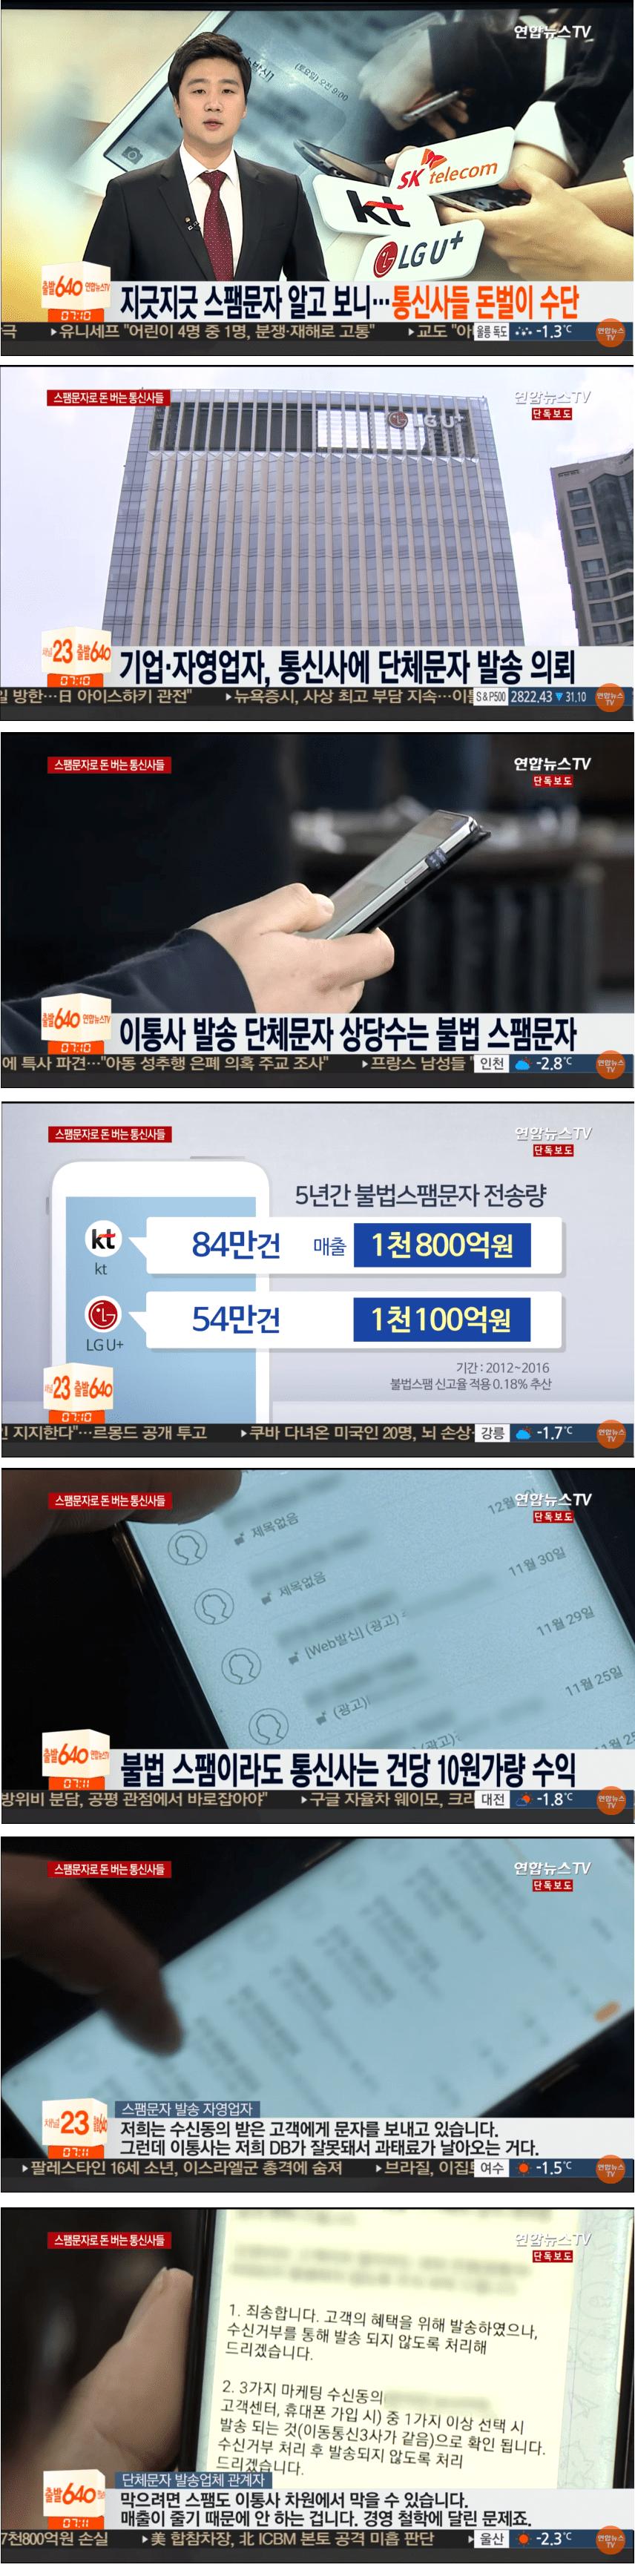 스팸문자 알고보니 통신사들 돈벌이 수단.png